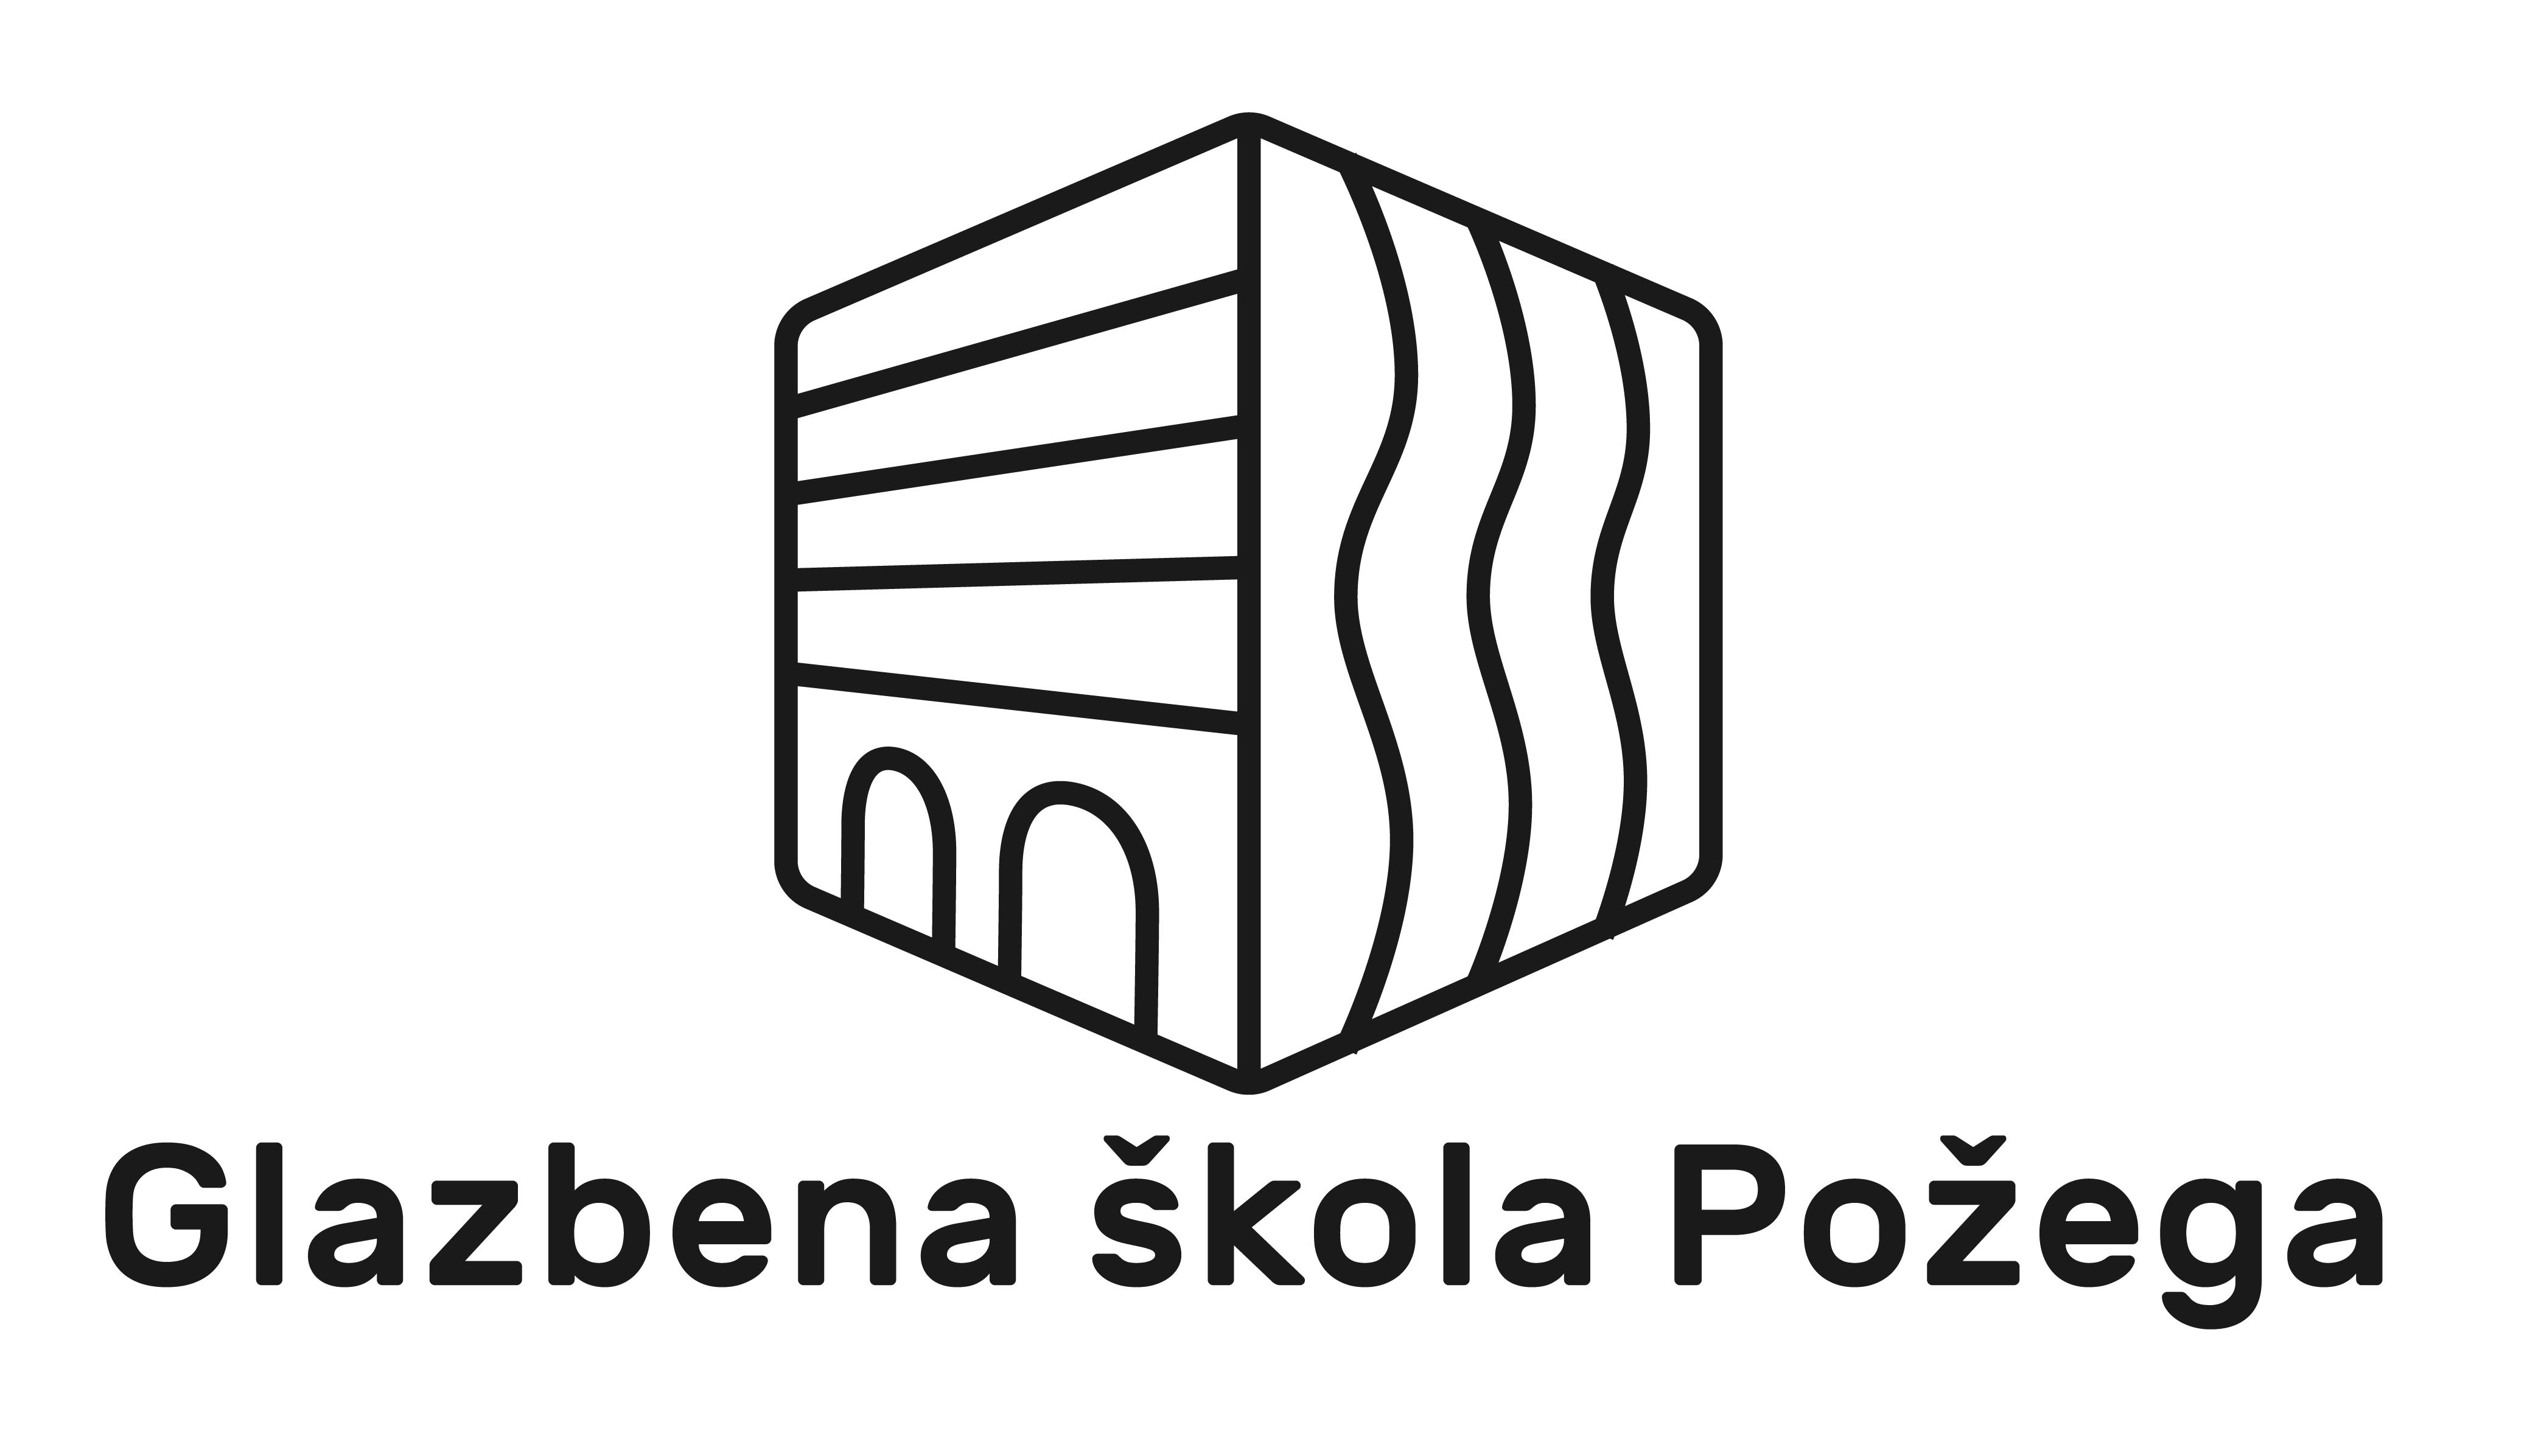 Glazbena škola Požega